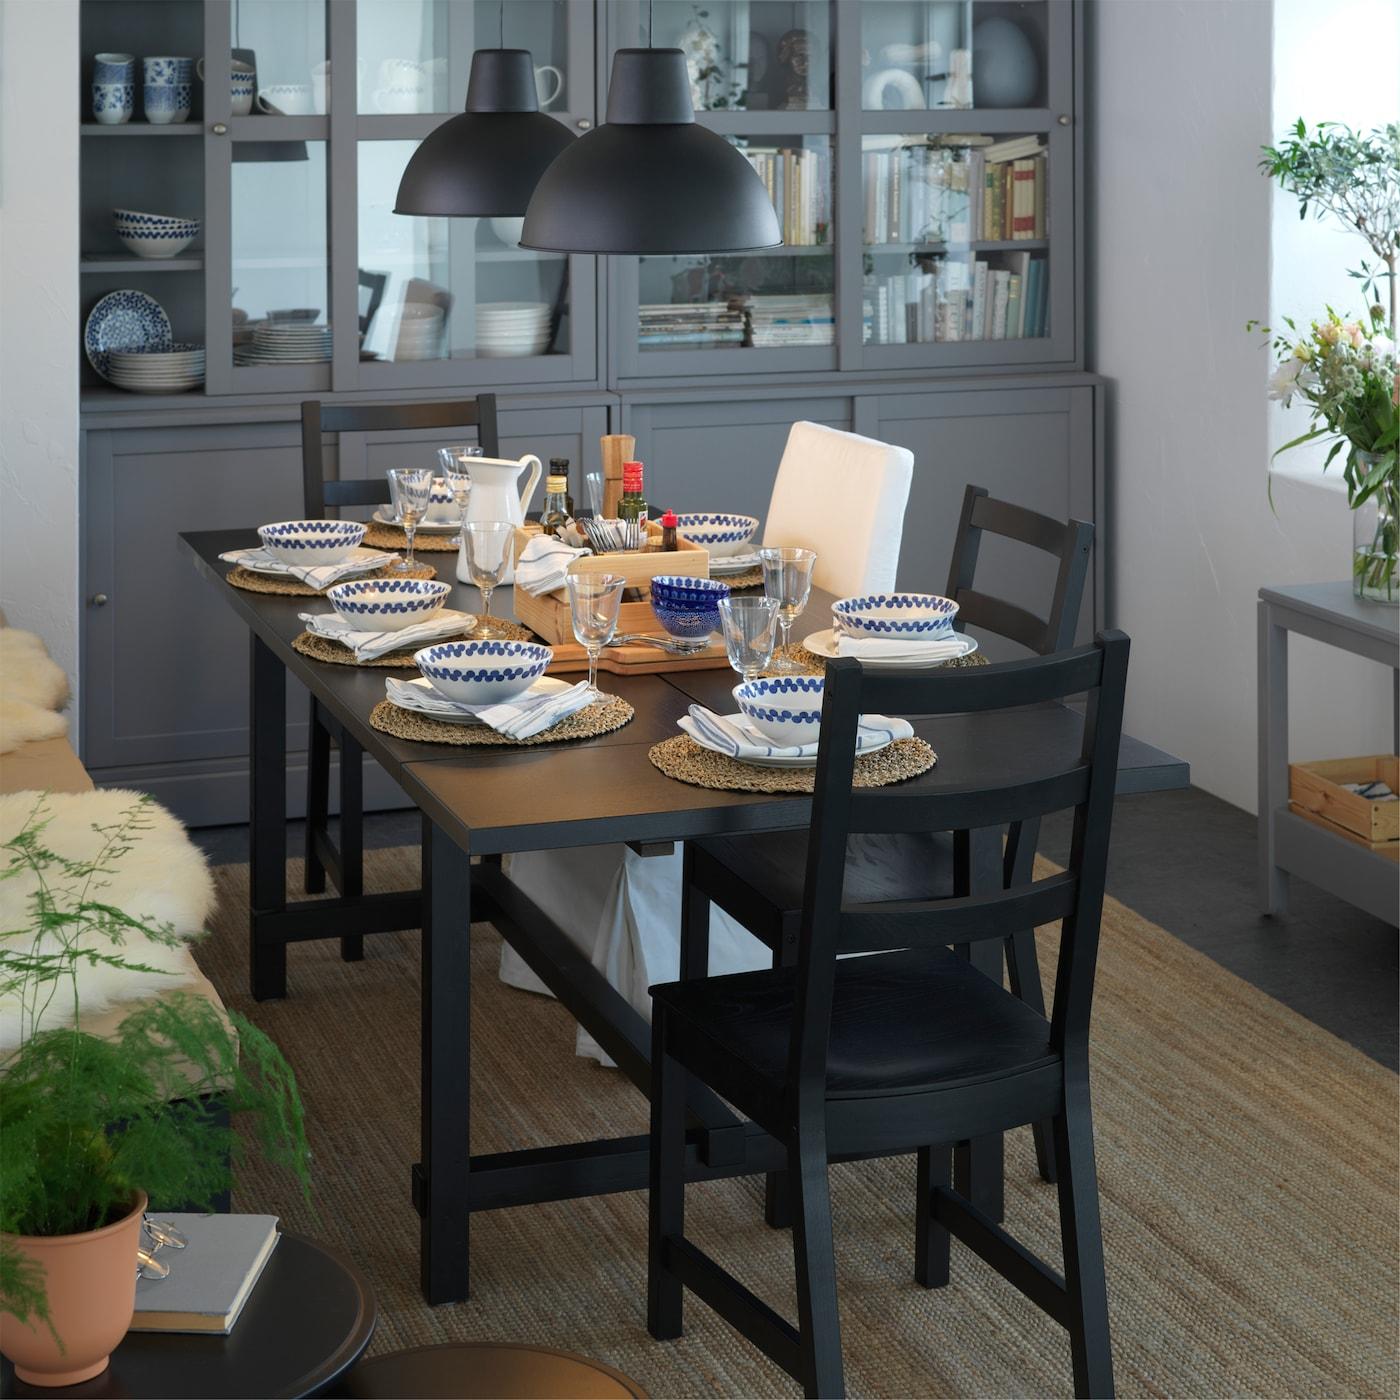 sospensioni per tavolo da pranzo ikea